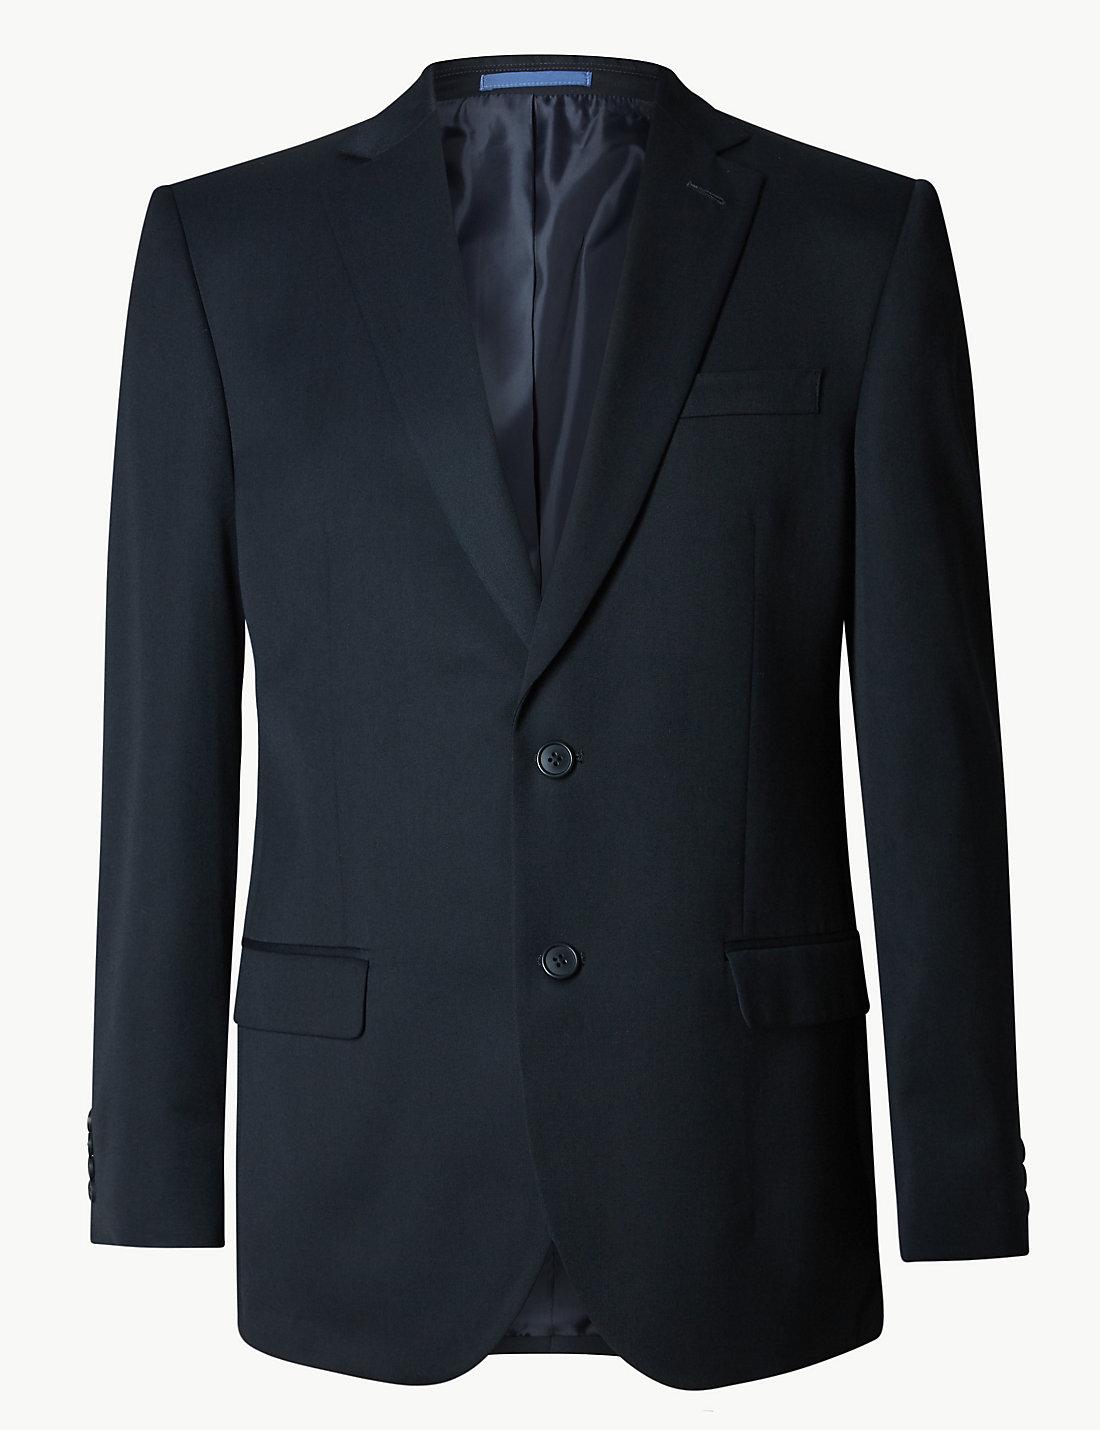 Mens Affordable Suits | Suits Under £149 | M&S